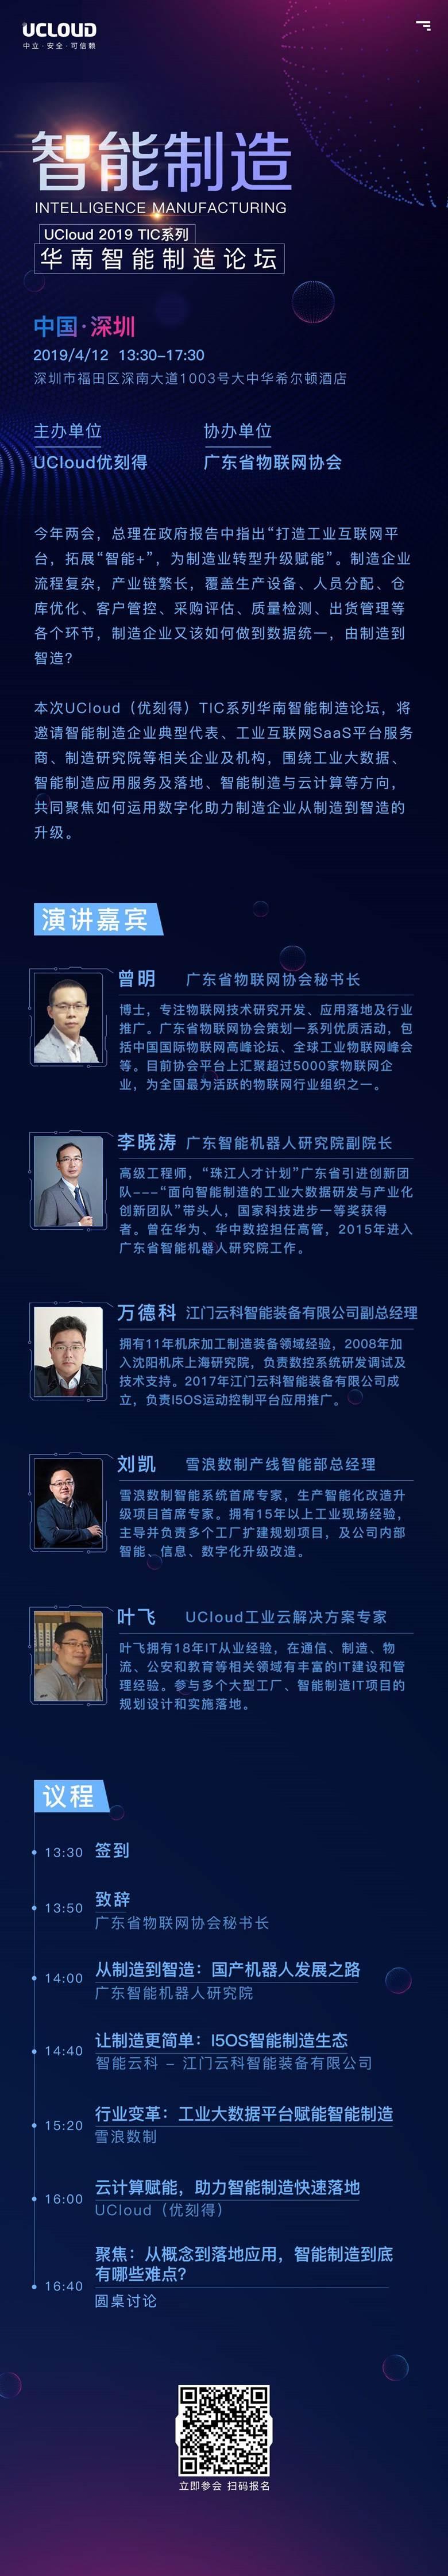 嘉宾-深圳-7mar2019_01(11).jpg